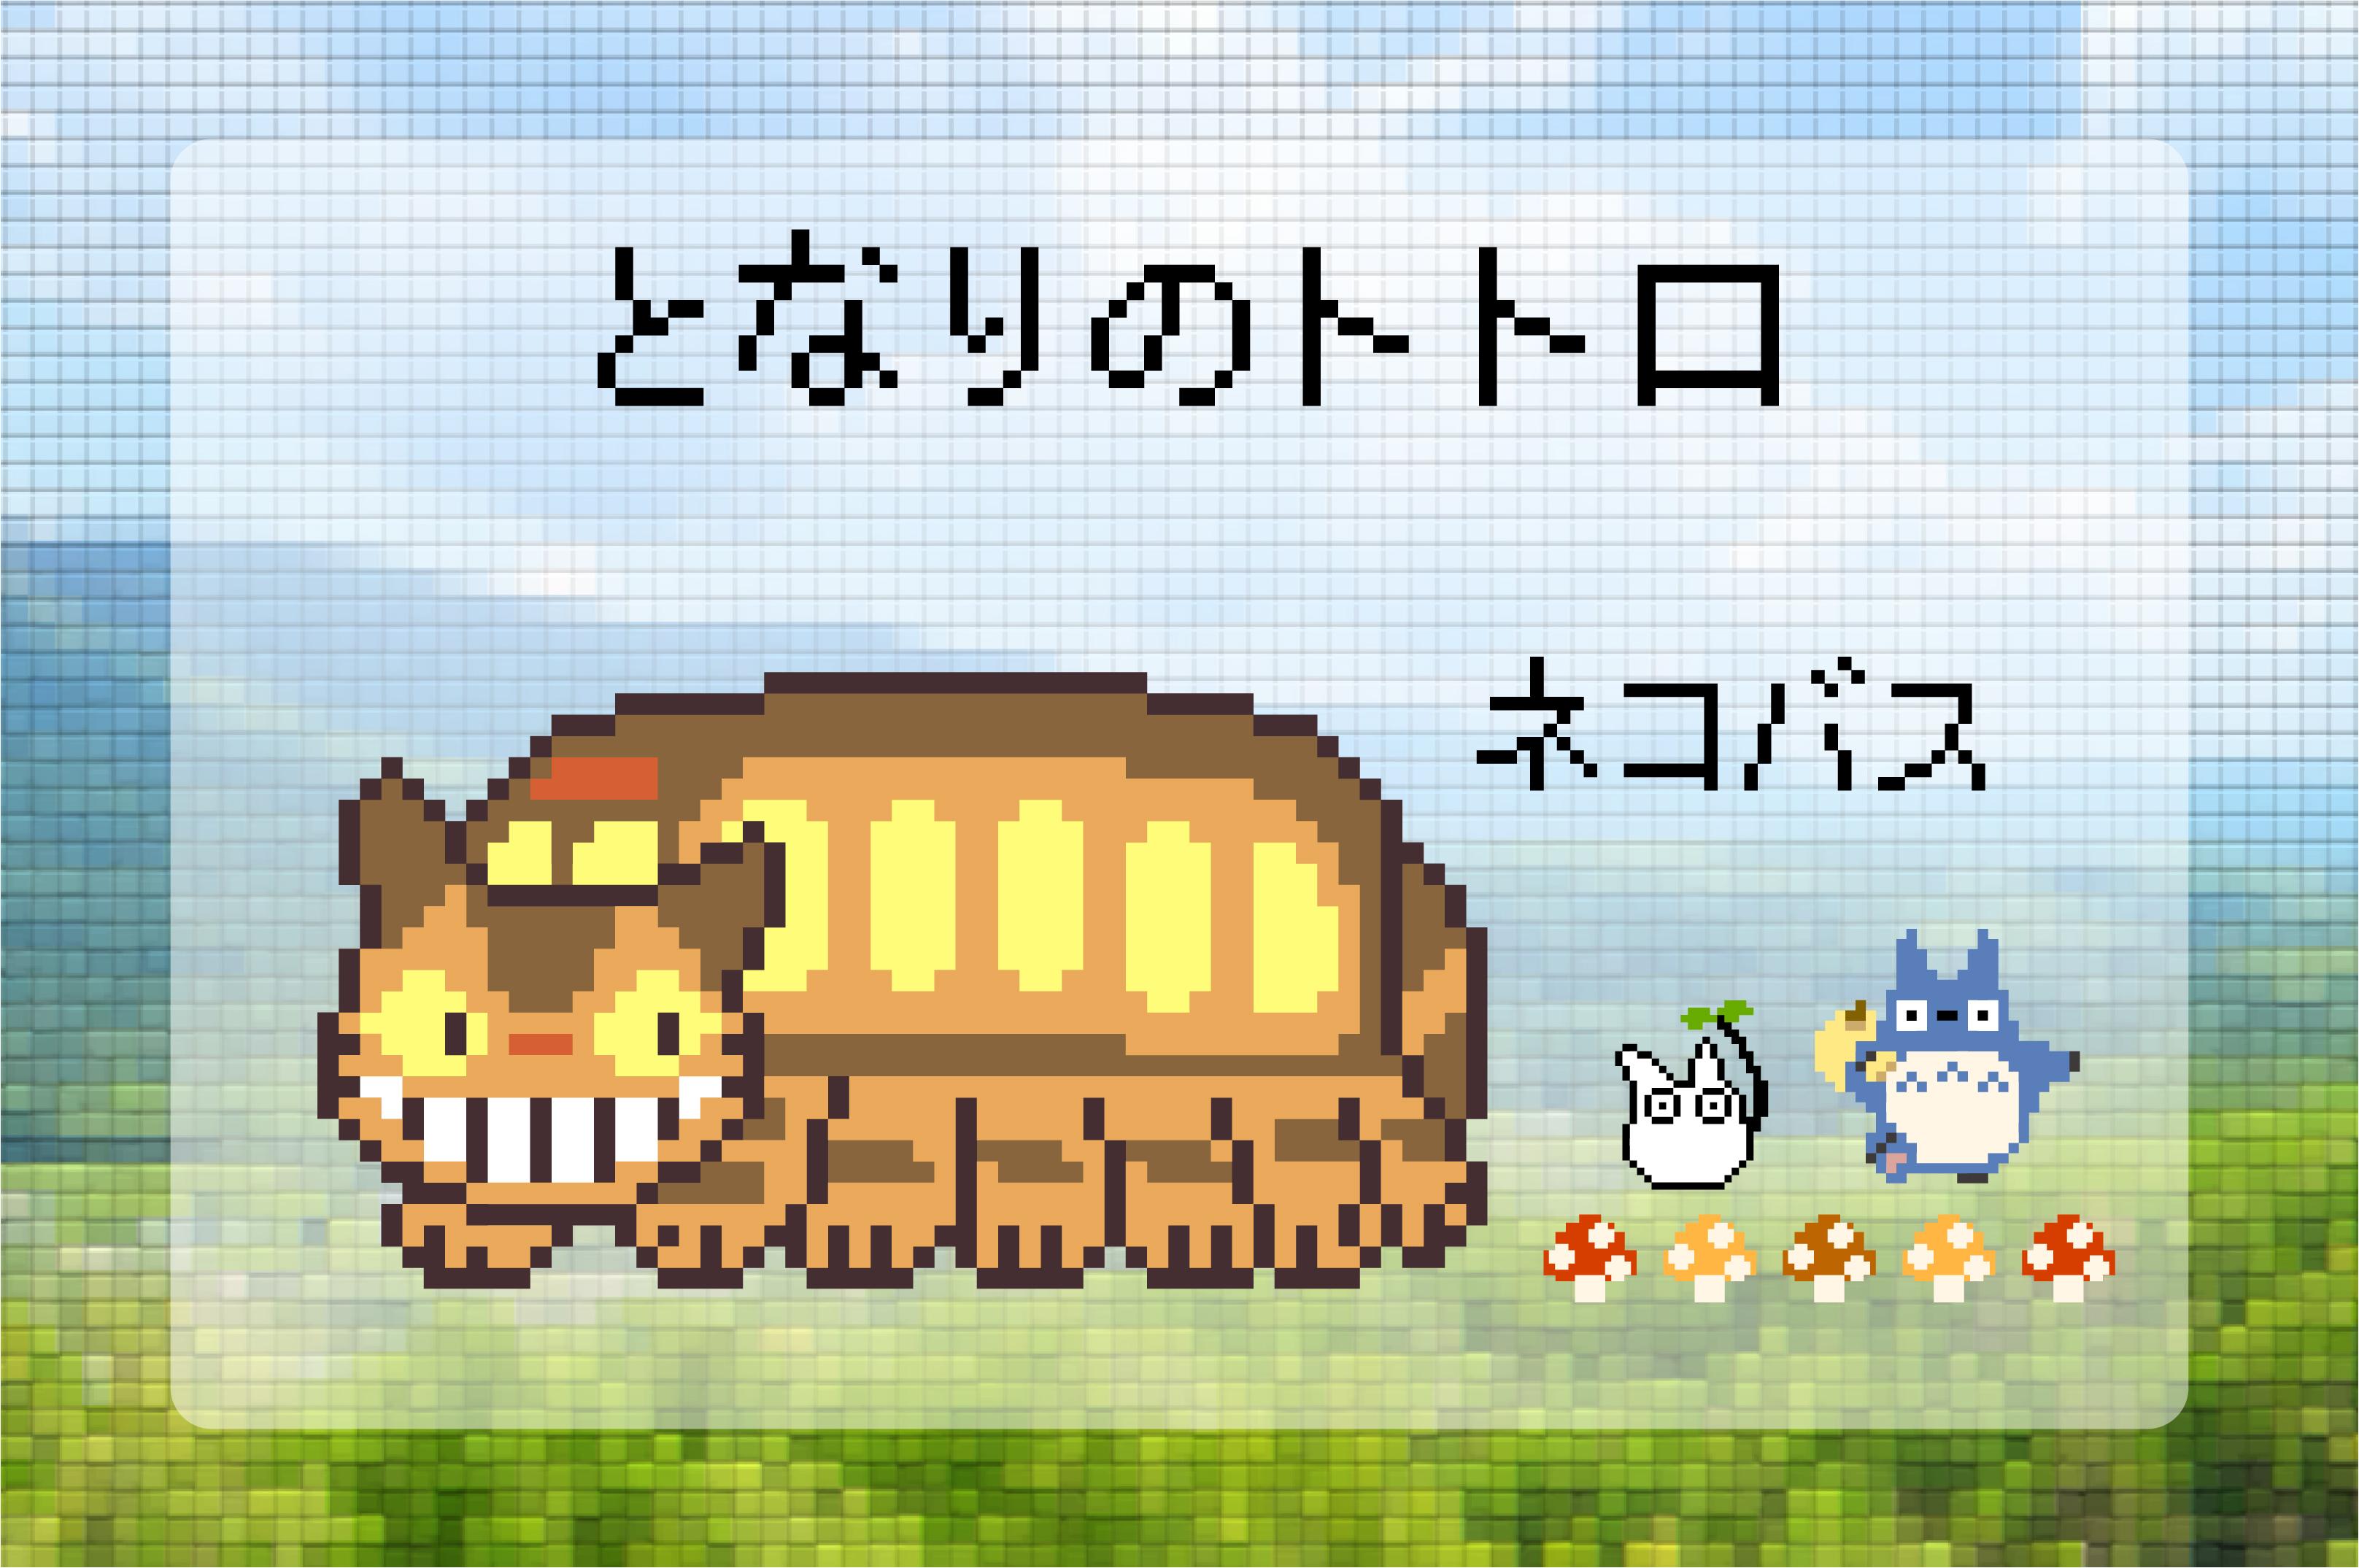 【となりのトトロ】ネコバスのアイロンビーズ図案